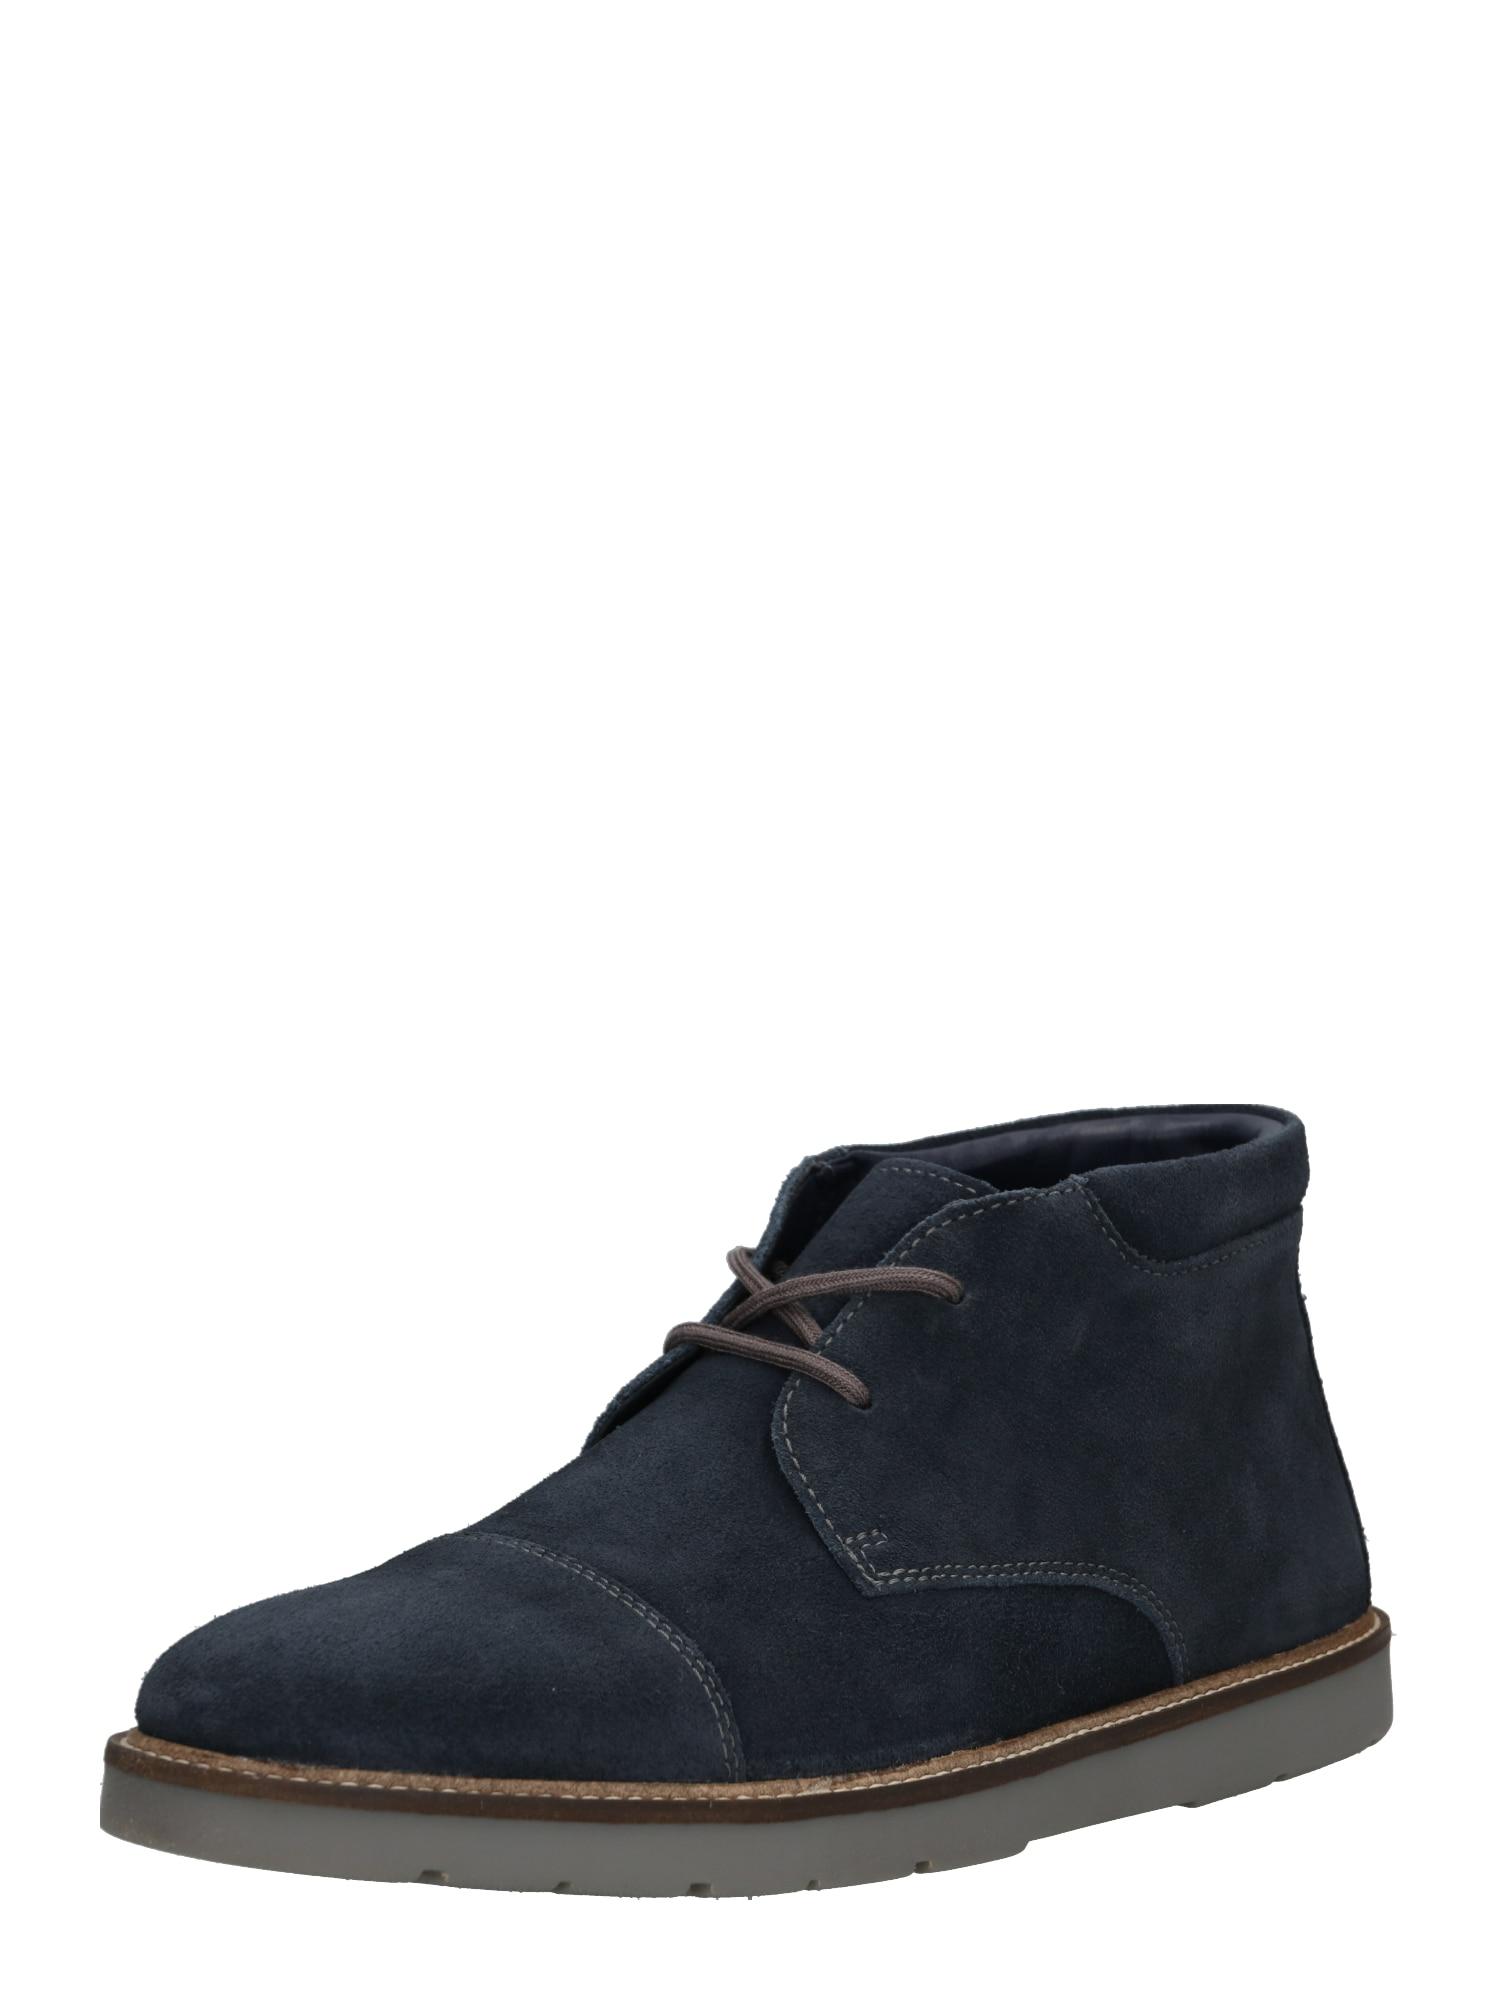 Šněrovací boty Grandin Top námořnická modř CLARKS